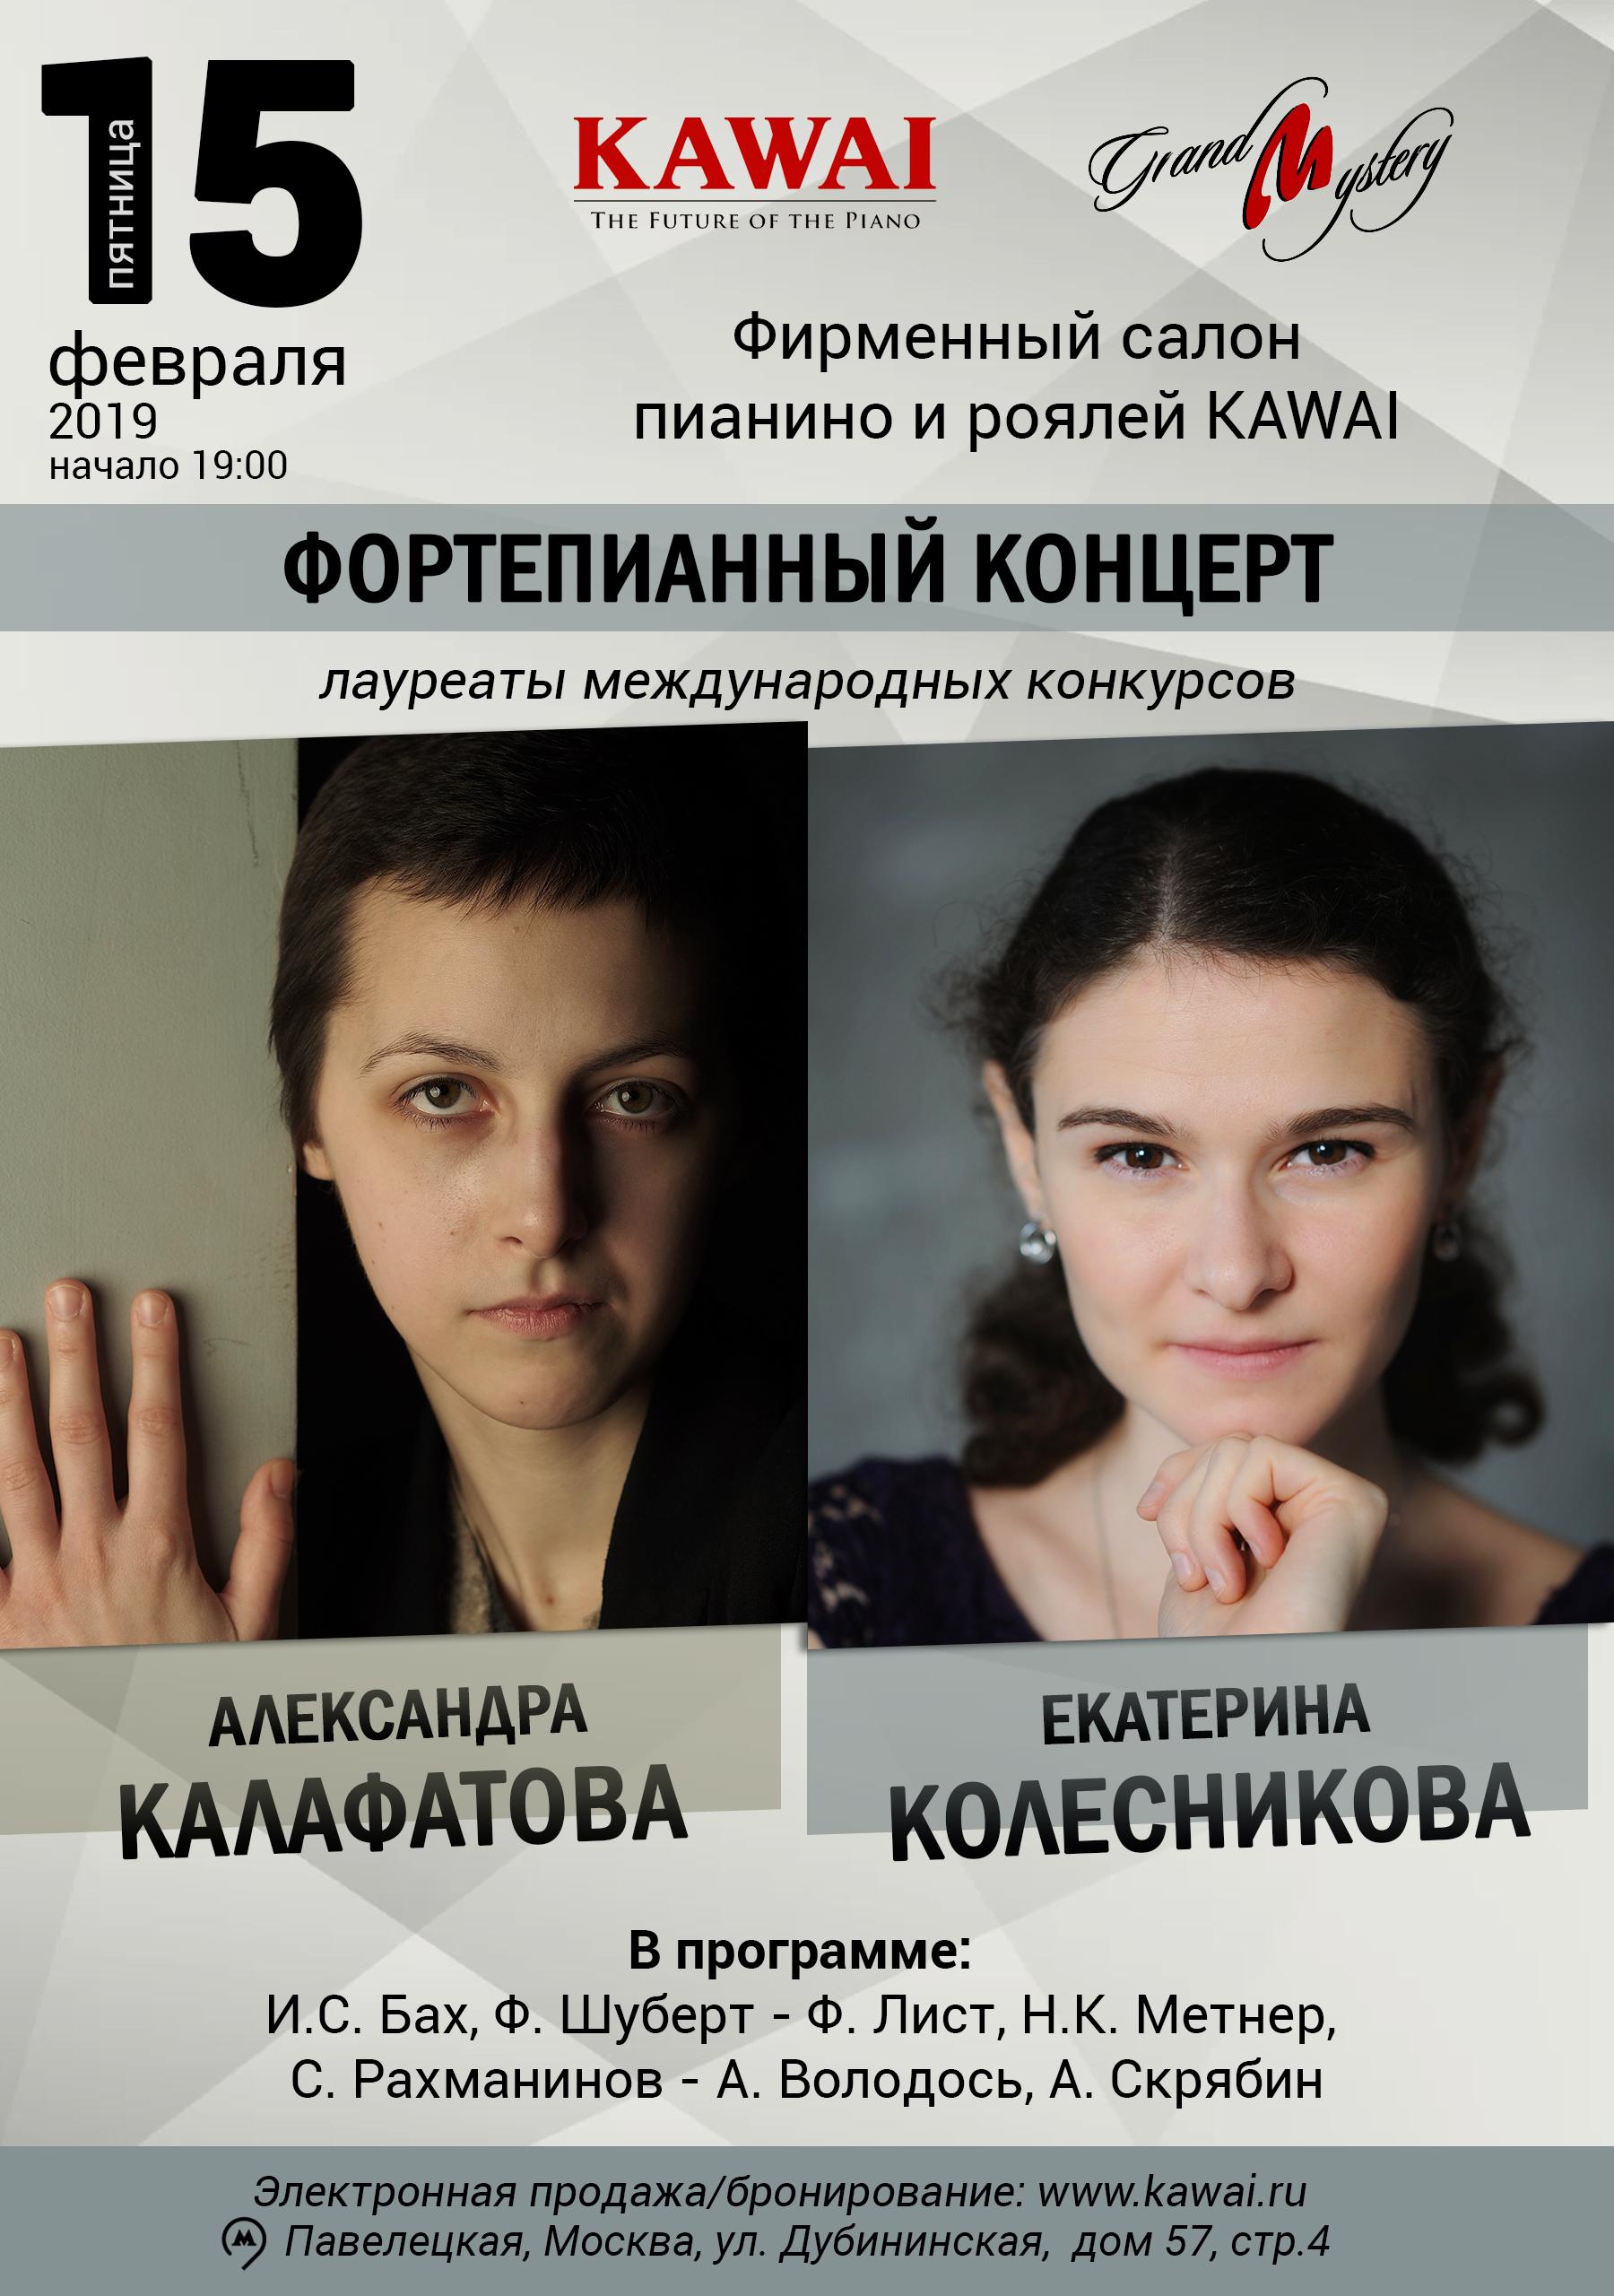 Фортепианный концерт Екатерины Колесниковой и Александры Калафатовой